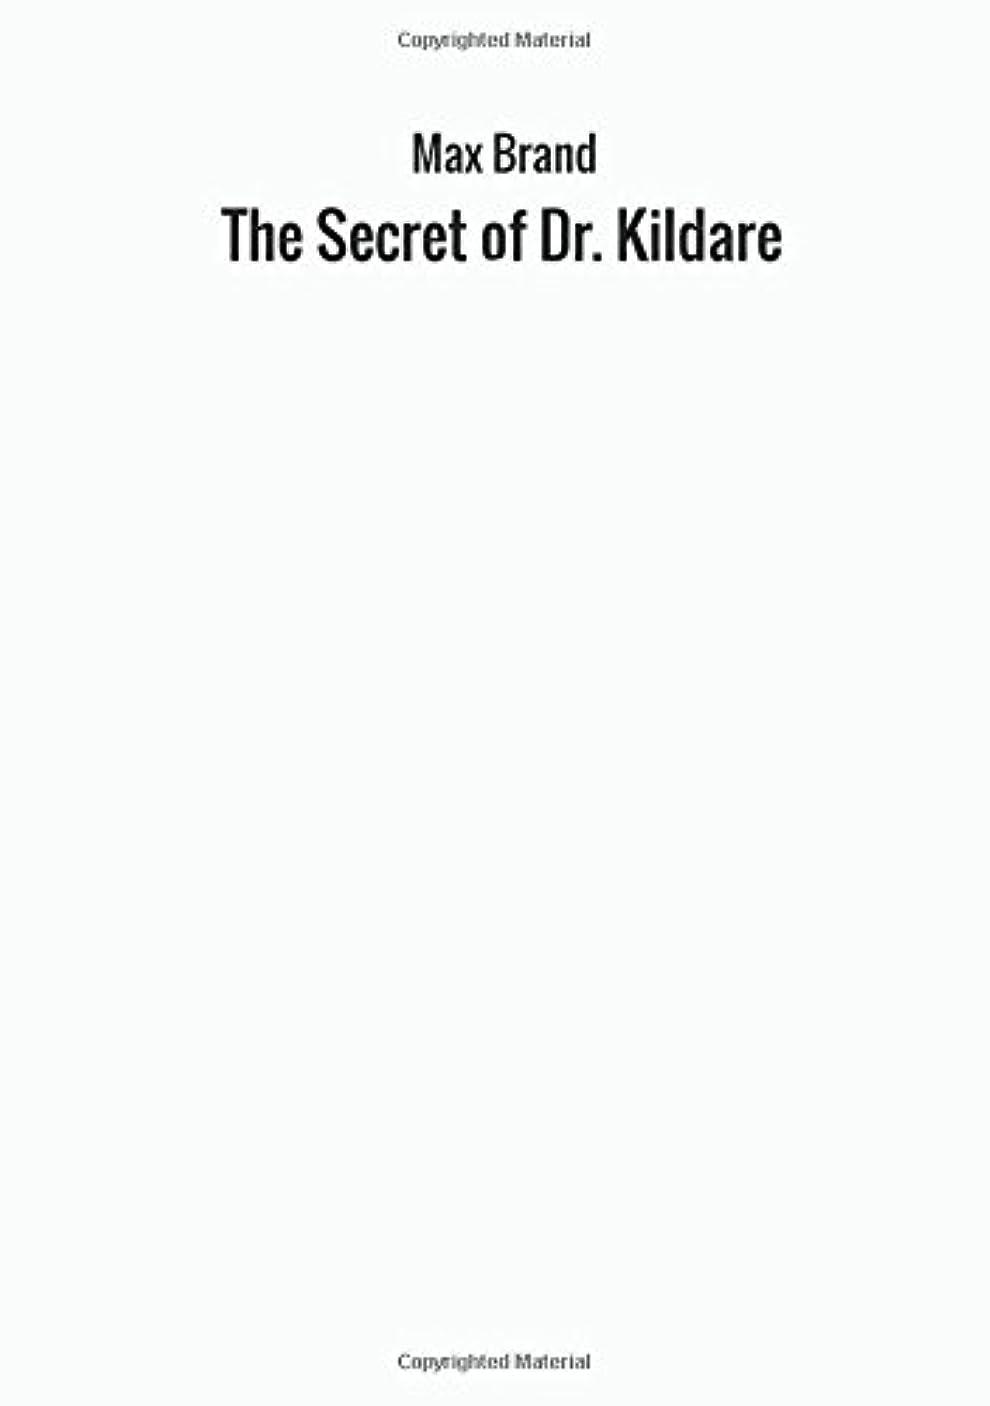 エンターテインメント爆風先見の明The Secret of Dr. Kildare